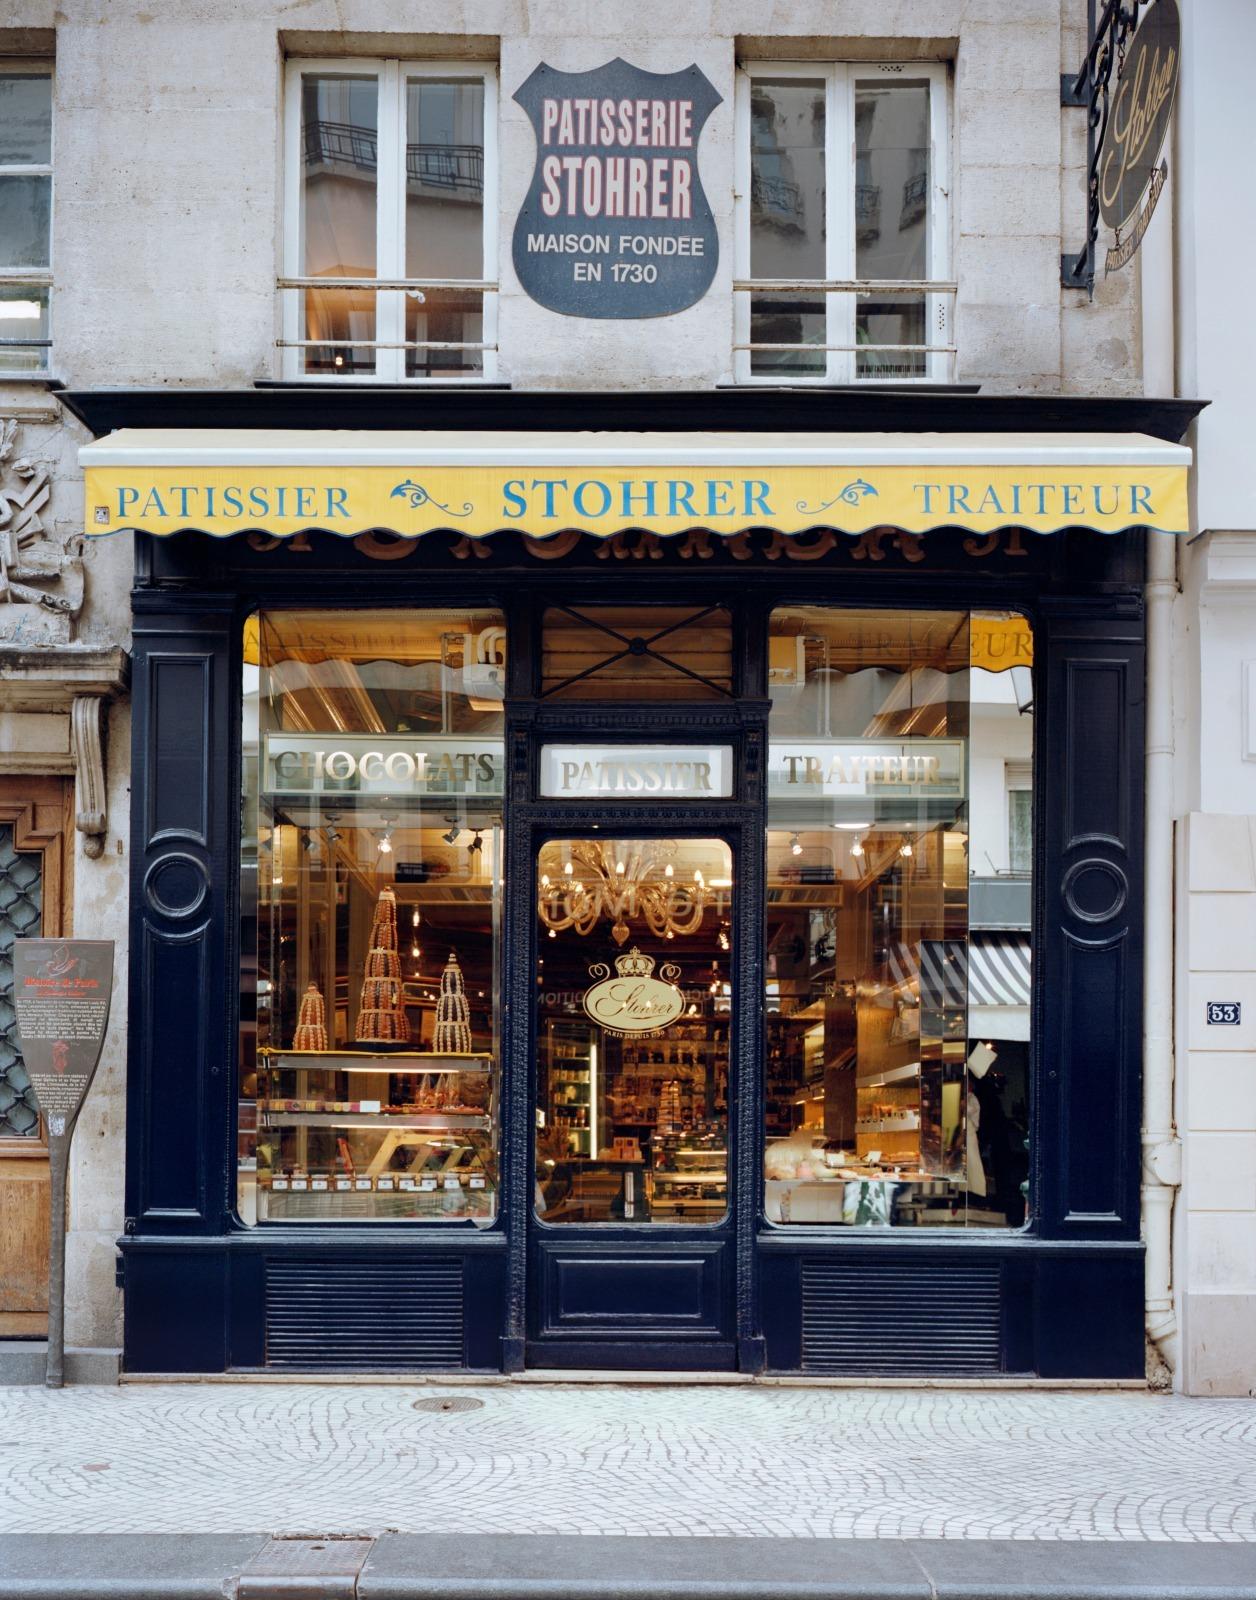 Pâtisserie Stohrer depuis 1730 Puits d'amour